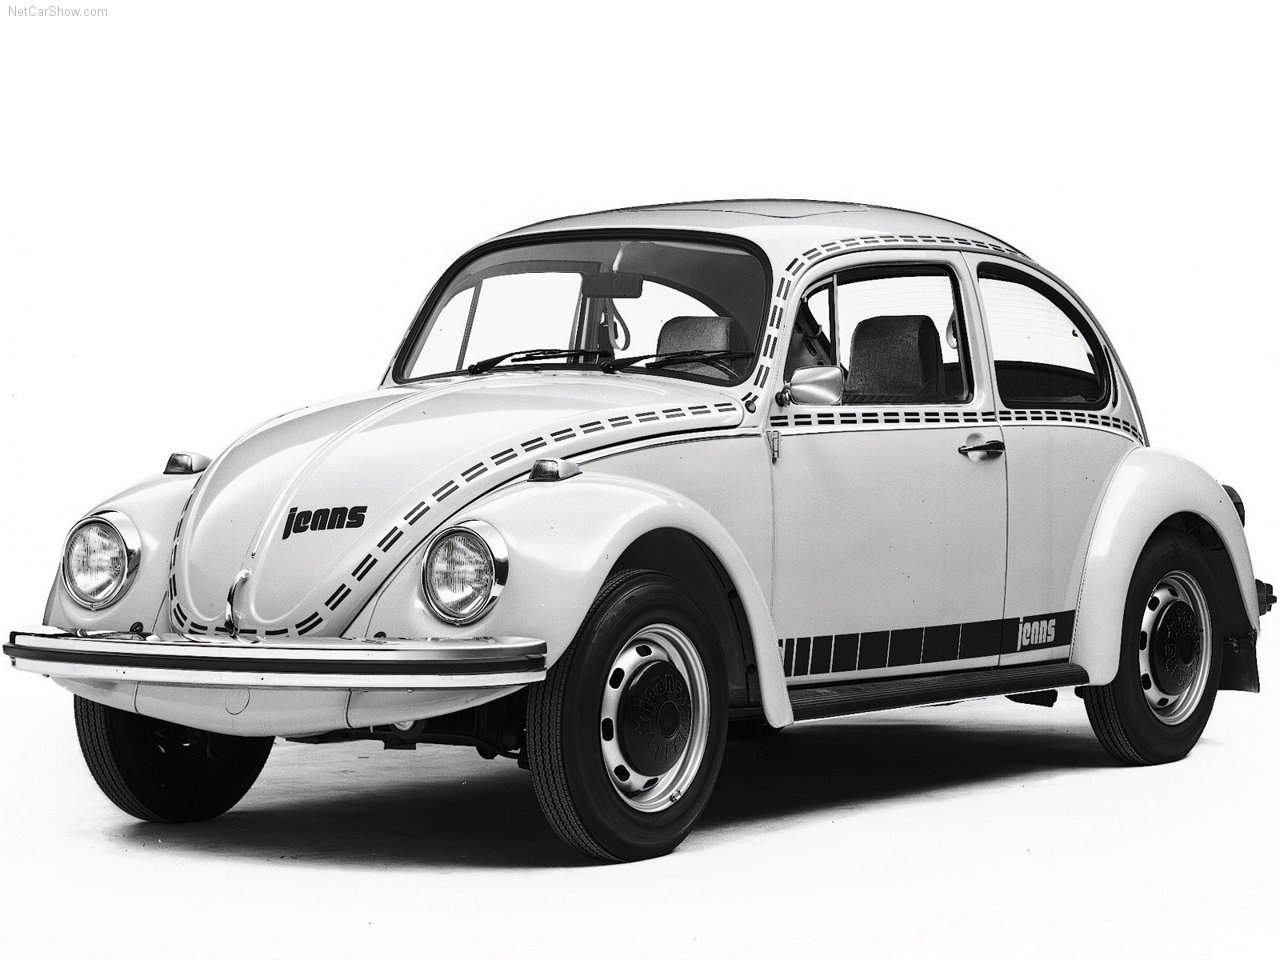 http://4.bp.blogspot.com/-LcYuW7ce_fE/T6QscG6aLjI/AAAAAAAAKDk/IVrwfOErNYU/s1600/Volkswagen-Beetle_1938_wallpaper.jpg